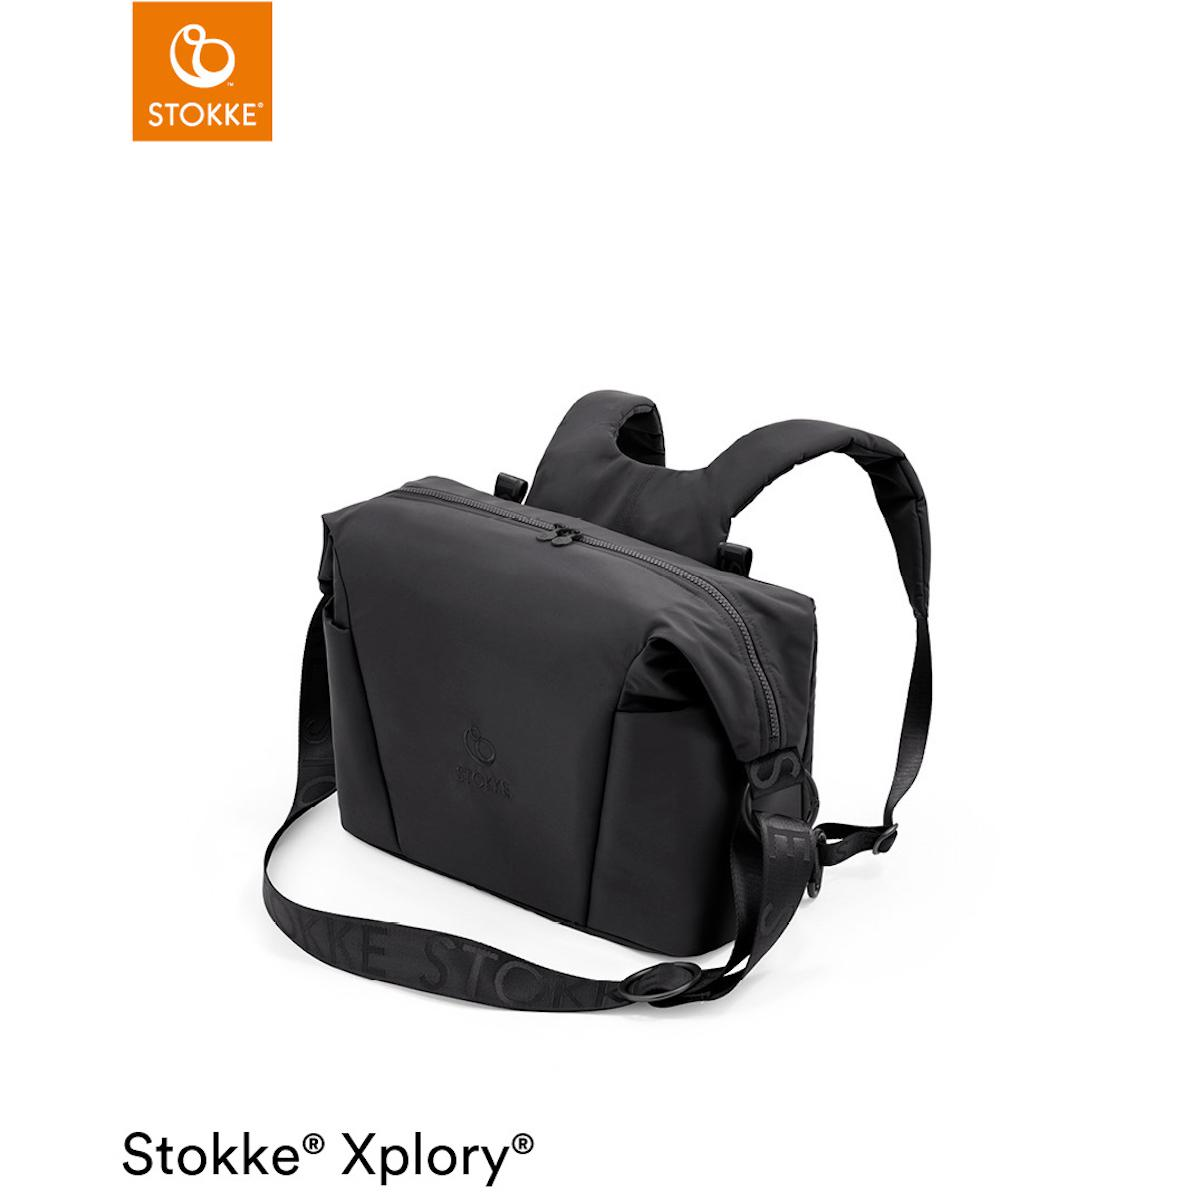 Wickeltasche XPLORY X Stokke Rich Black